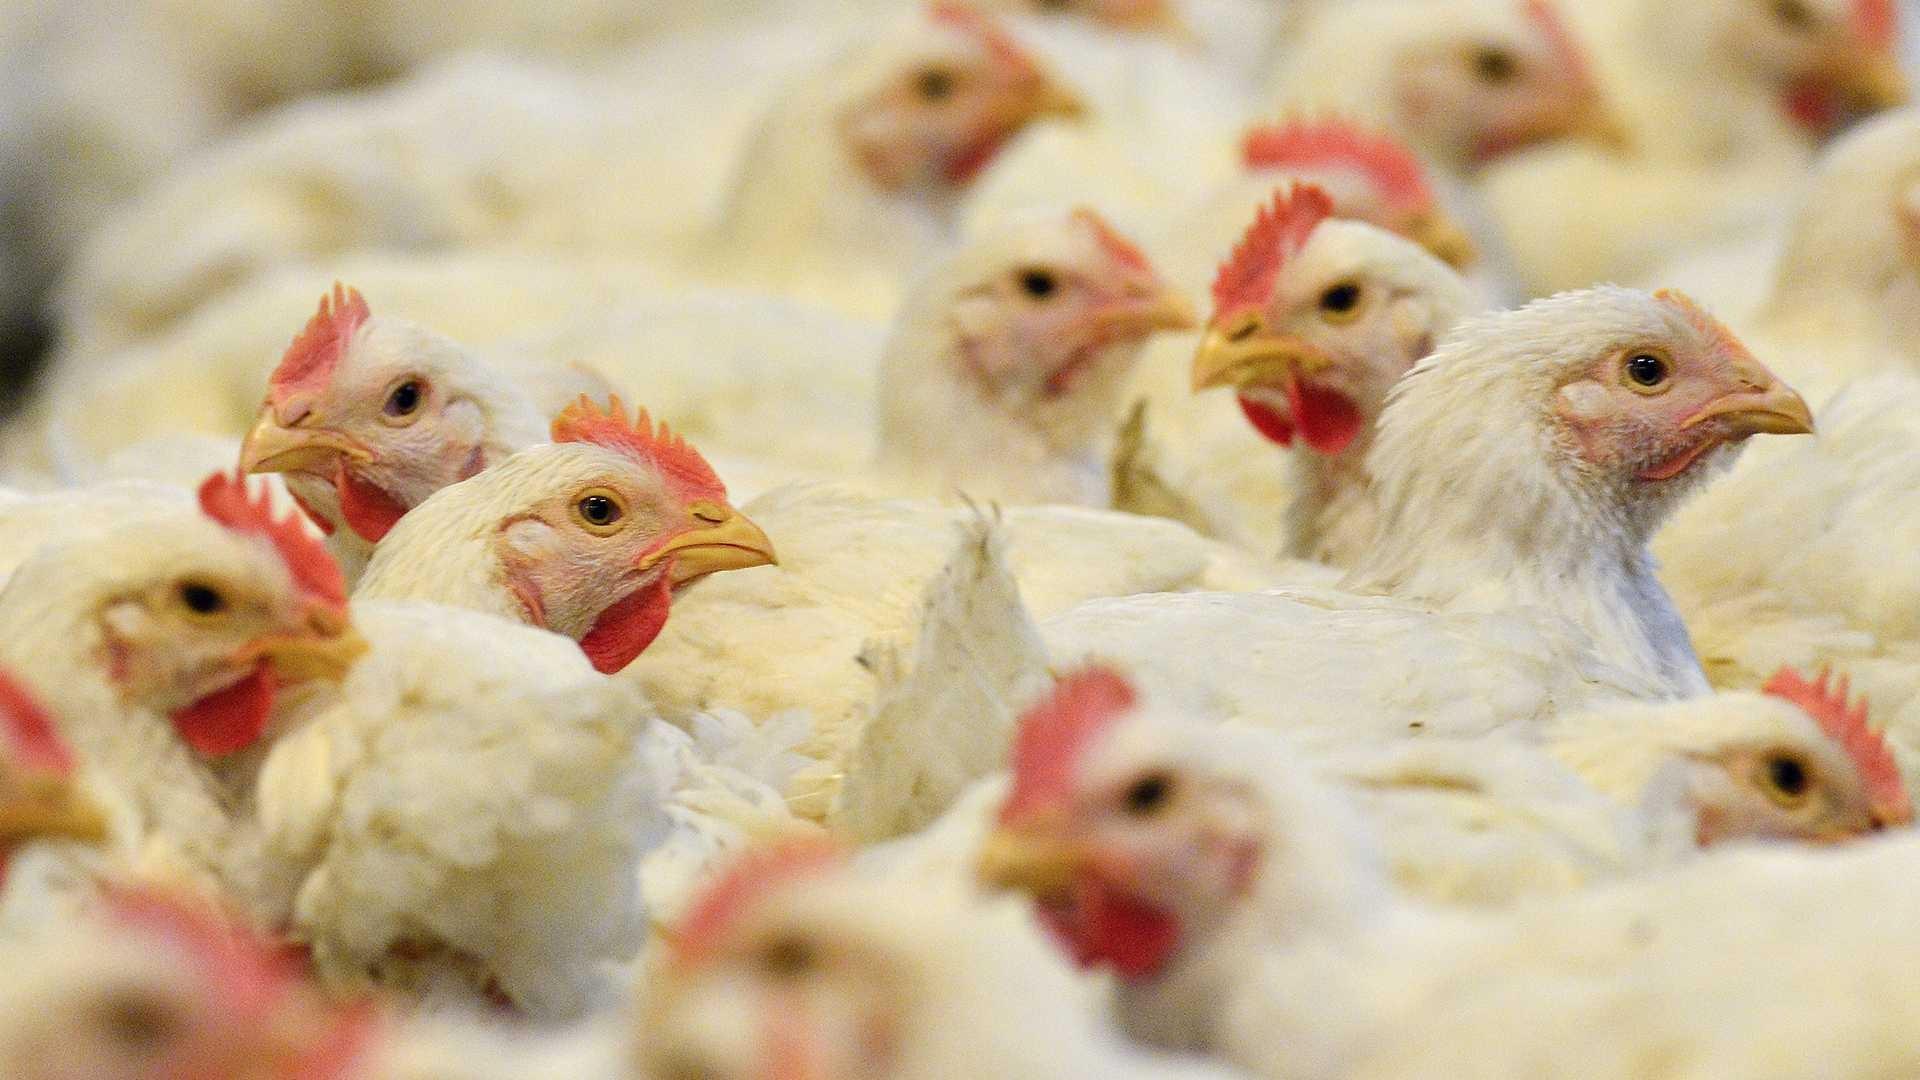 Ужителя Шанхая выявлен штамм птичьего гриппа H7N9